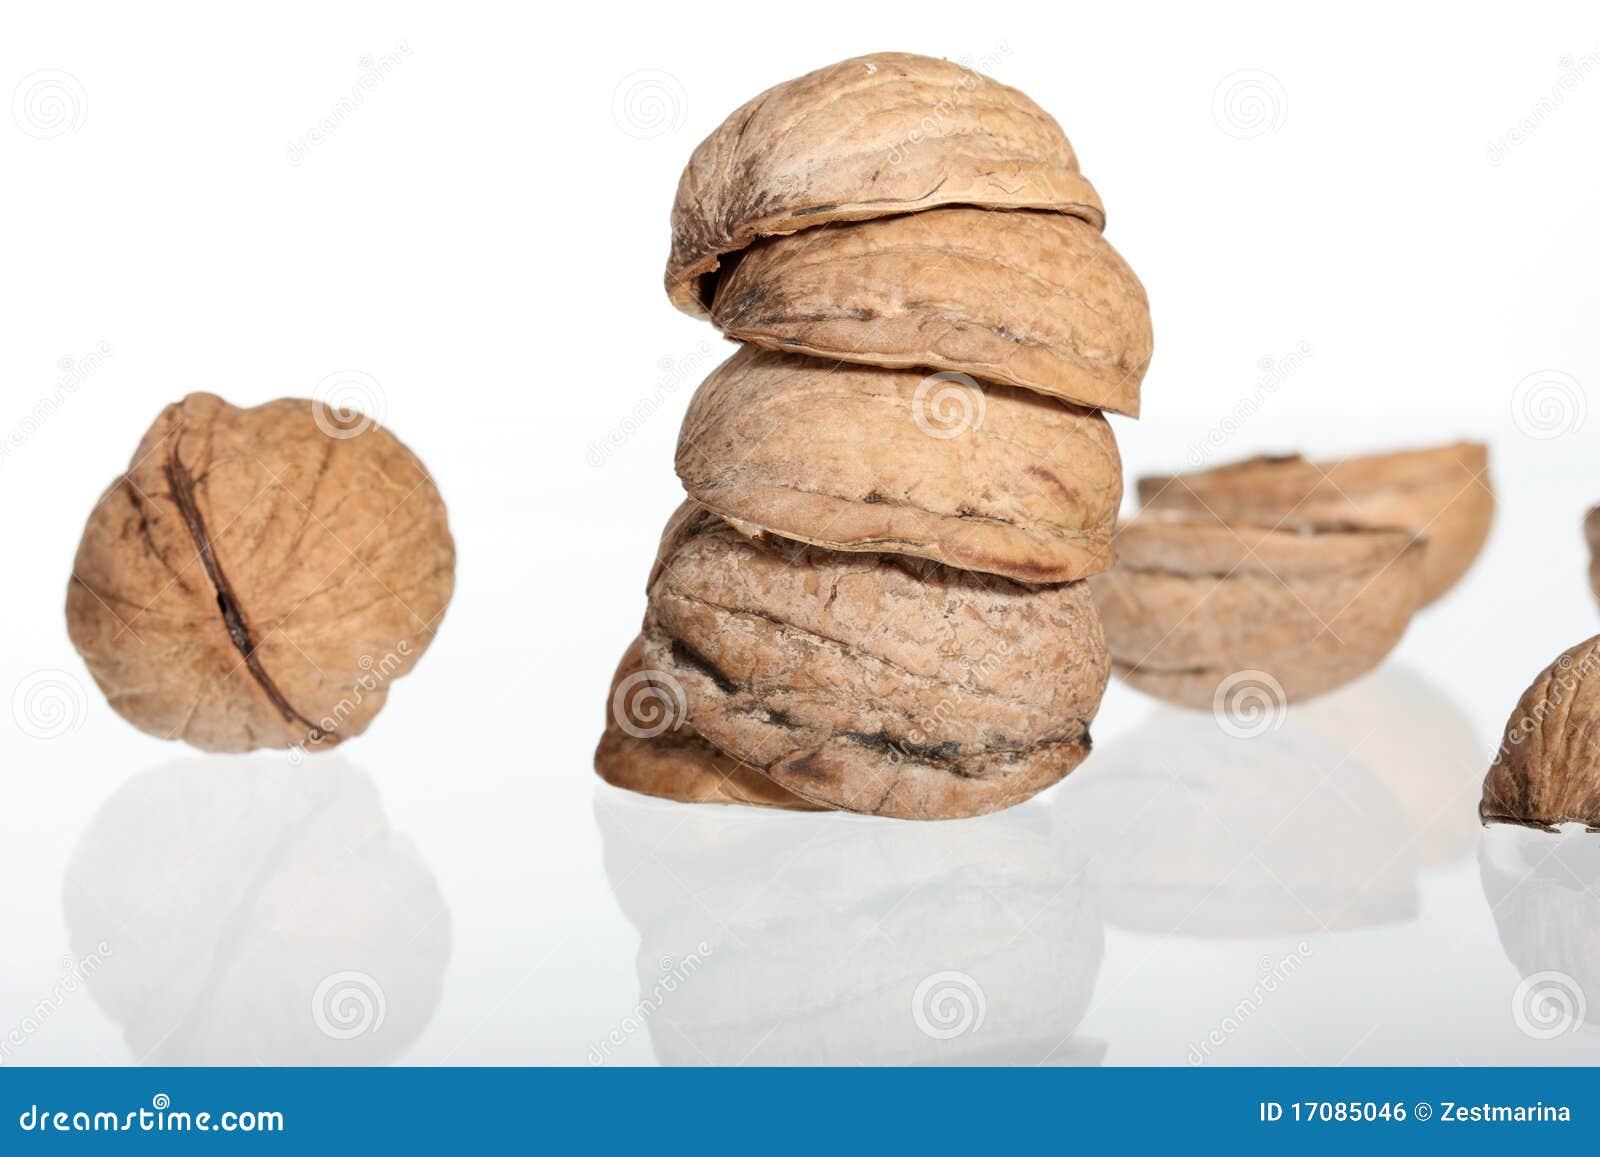 грецкие орехи изолированные группой белые